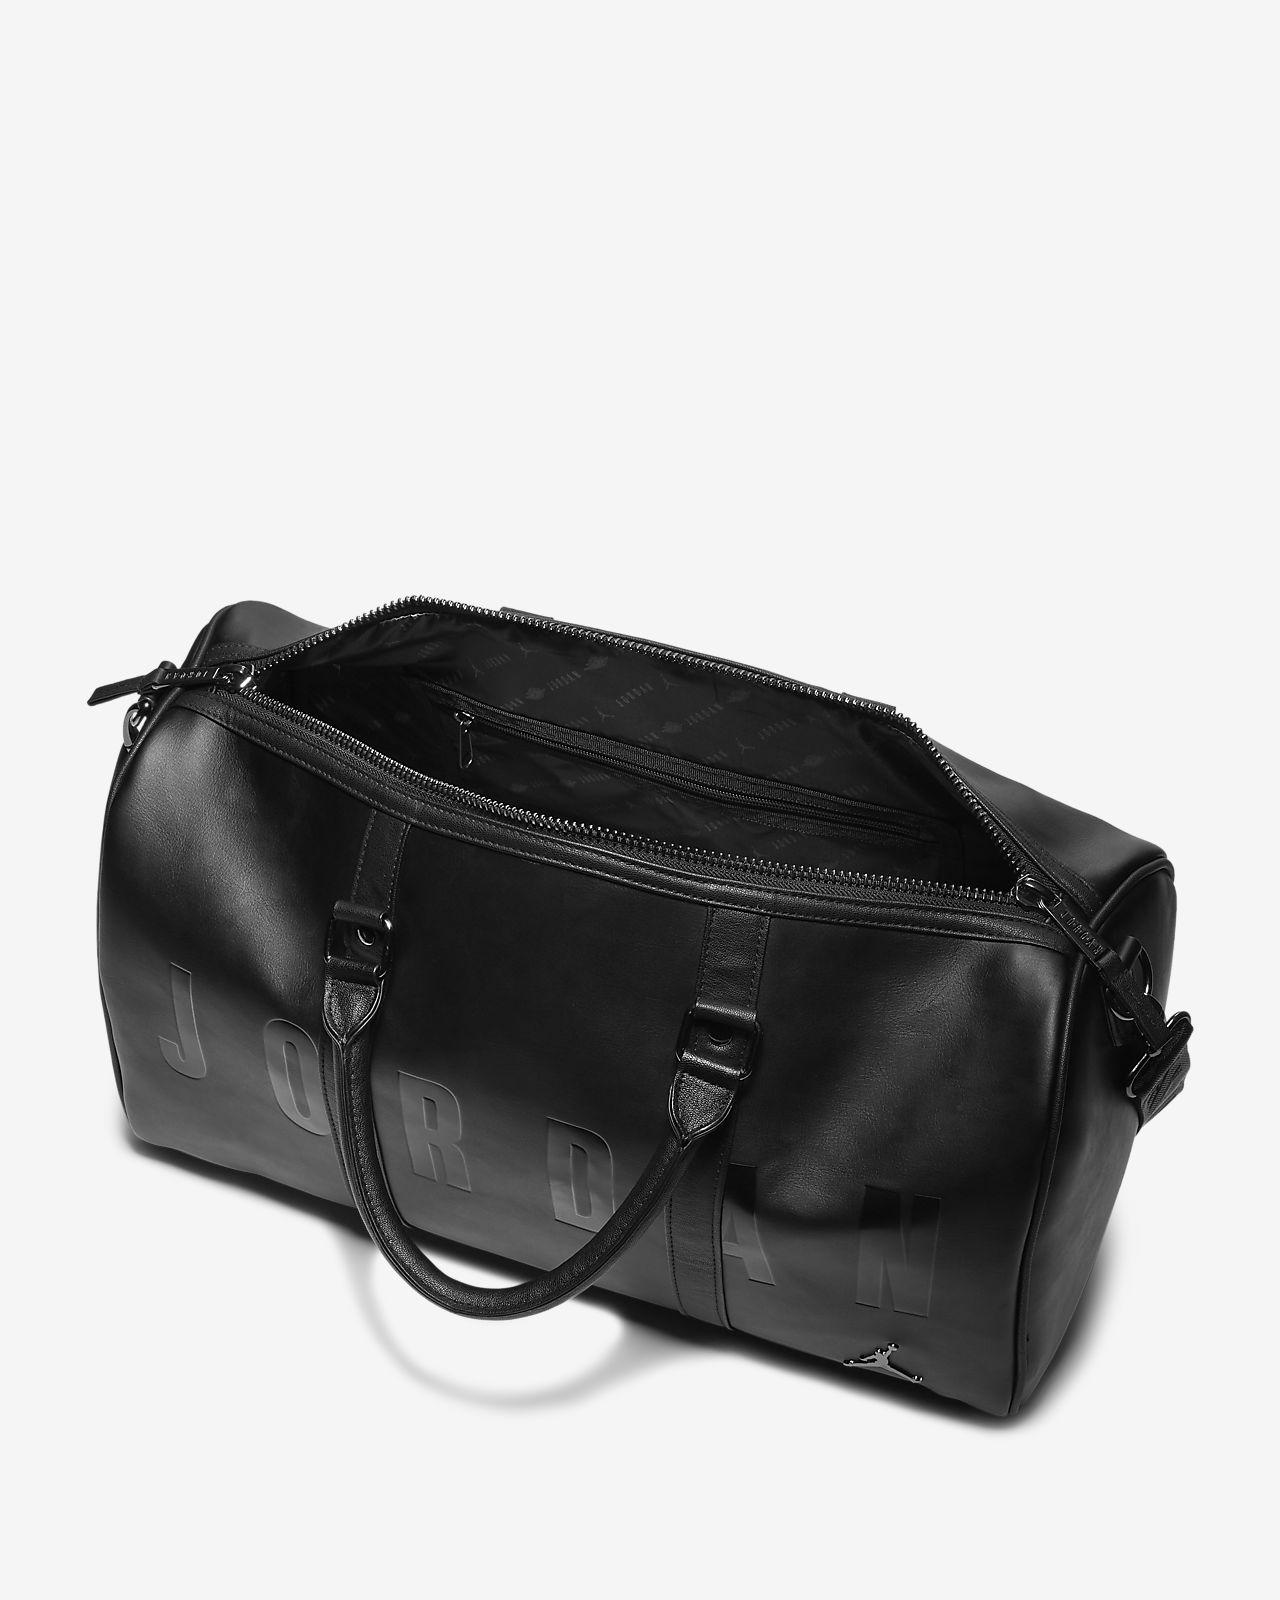 2f21067fca3b22 Low Resolution Jordan Jumpman Duffel Bag Jordan Jumpman Duffel Bag